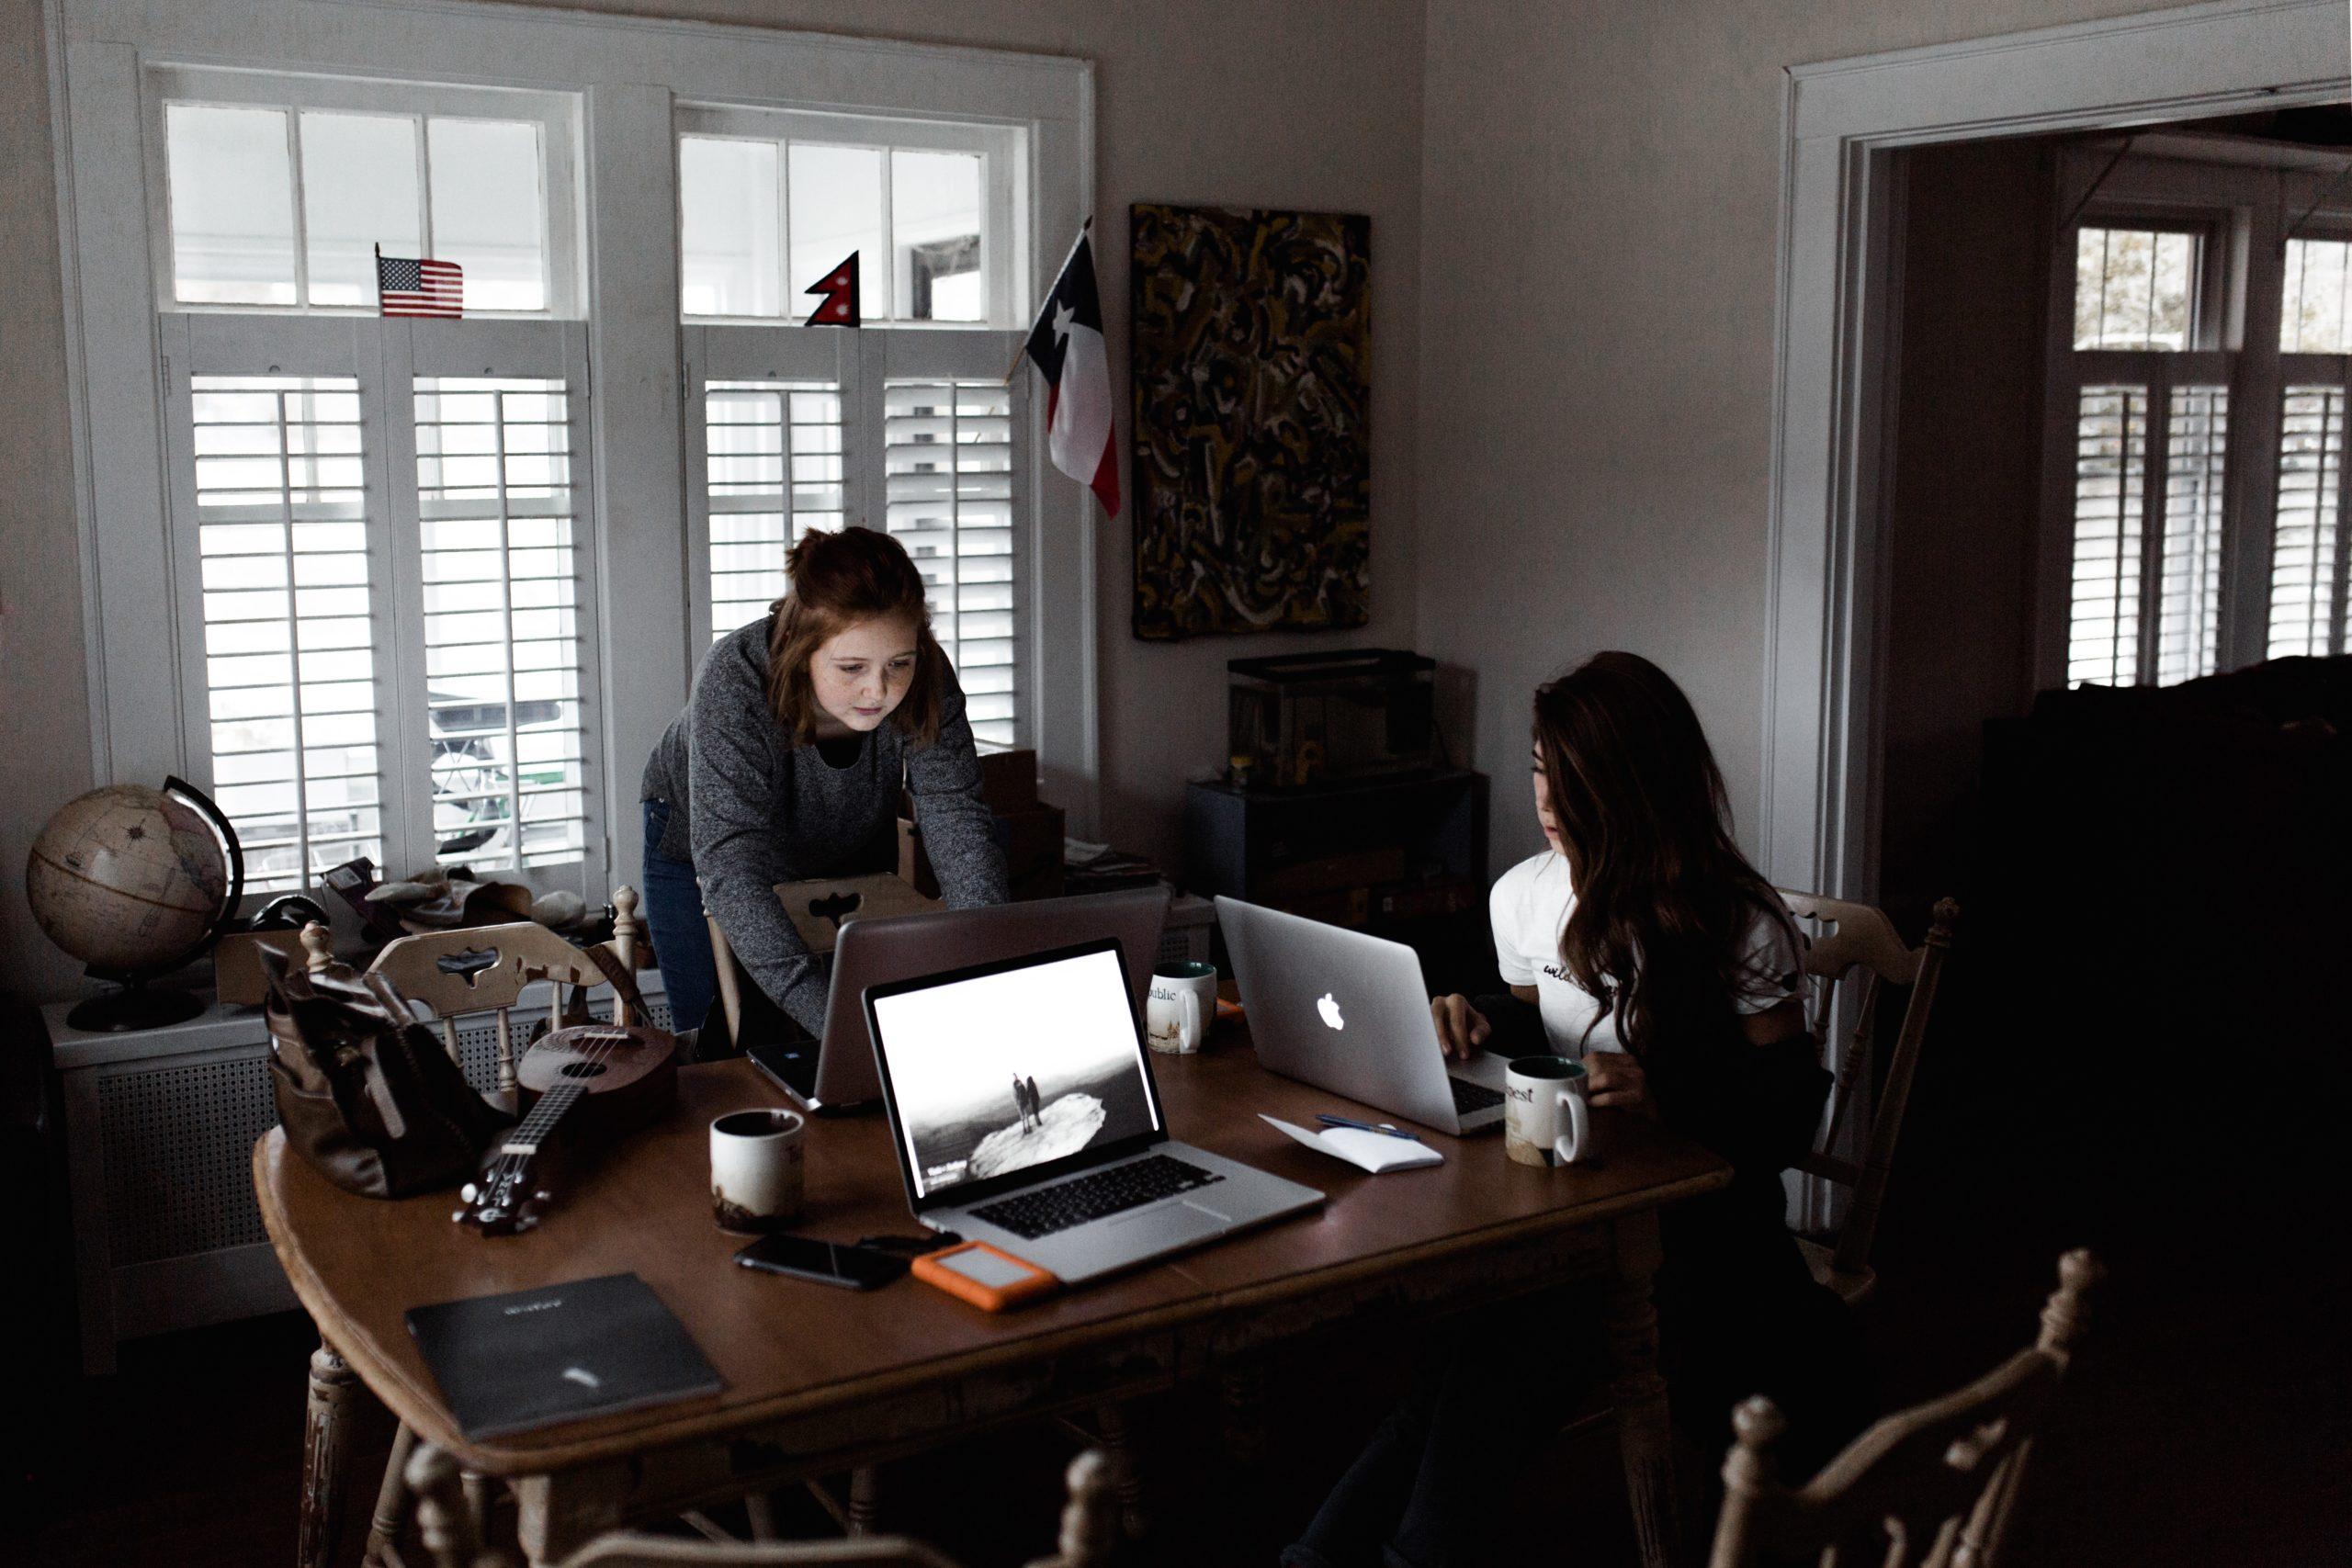 學會思考自己的特長能為公司帶來的價值,創造沒有的職缺。/圖:Photo by Andrew Neel on Unsplash